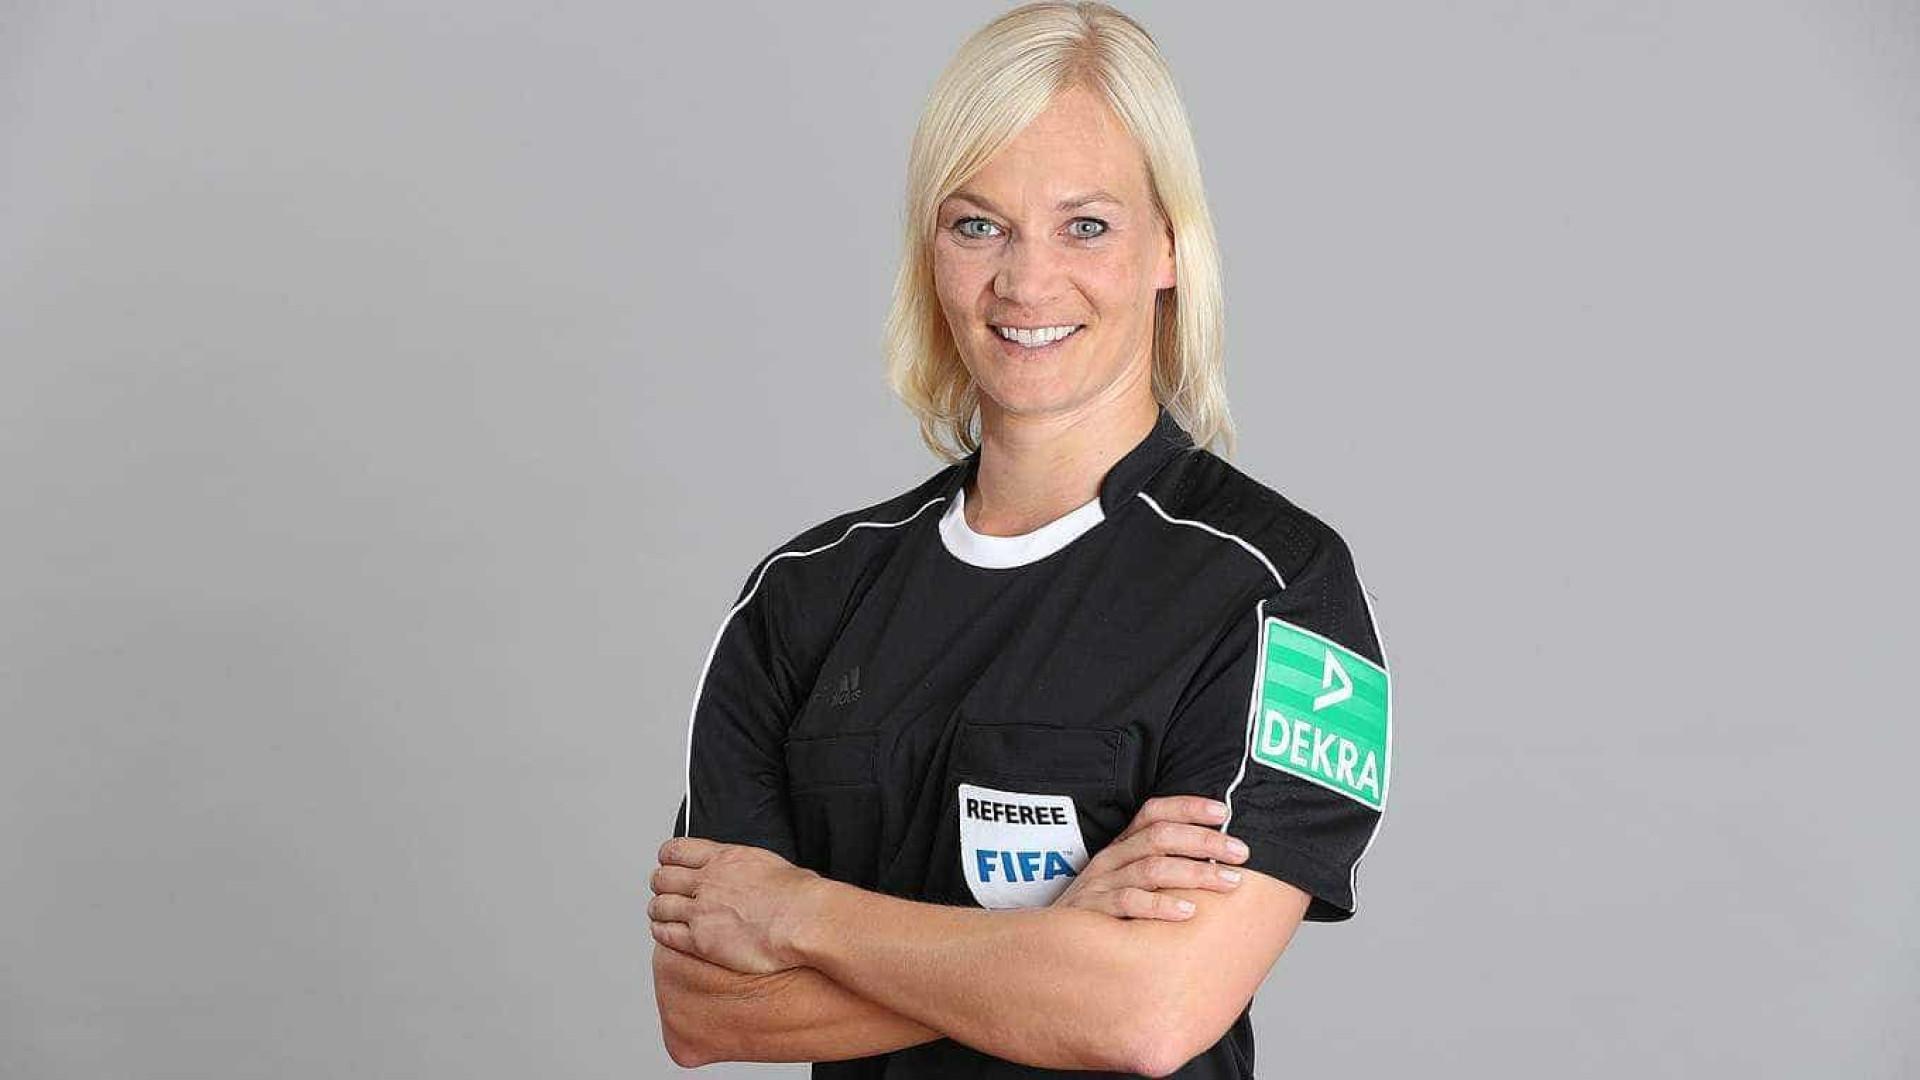 Liga alemã terá mulher como árbitra principal pela 1ª vez na história